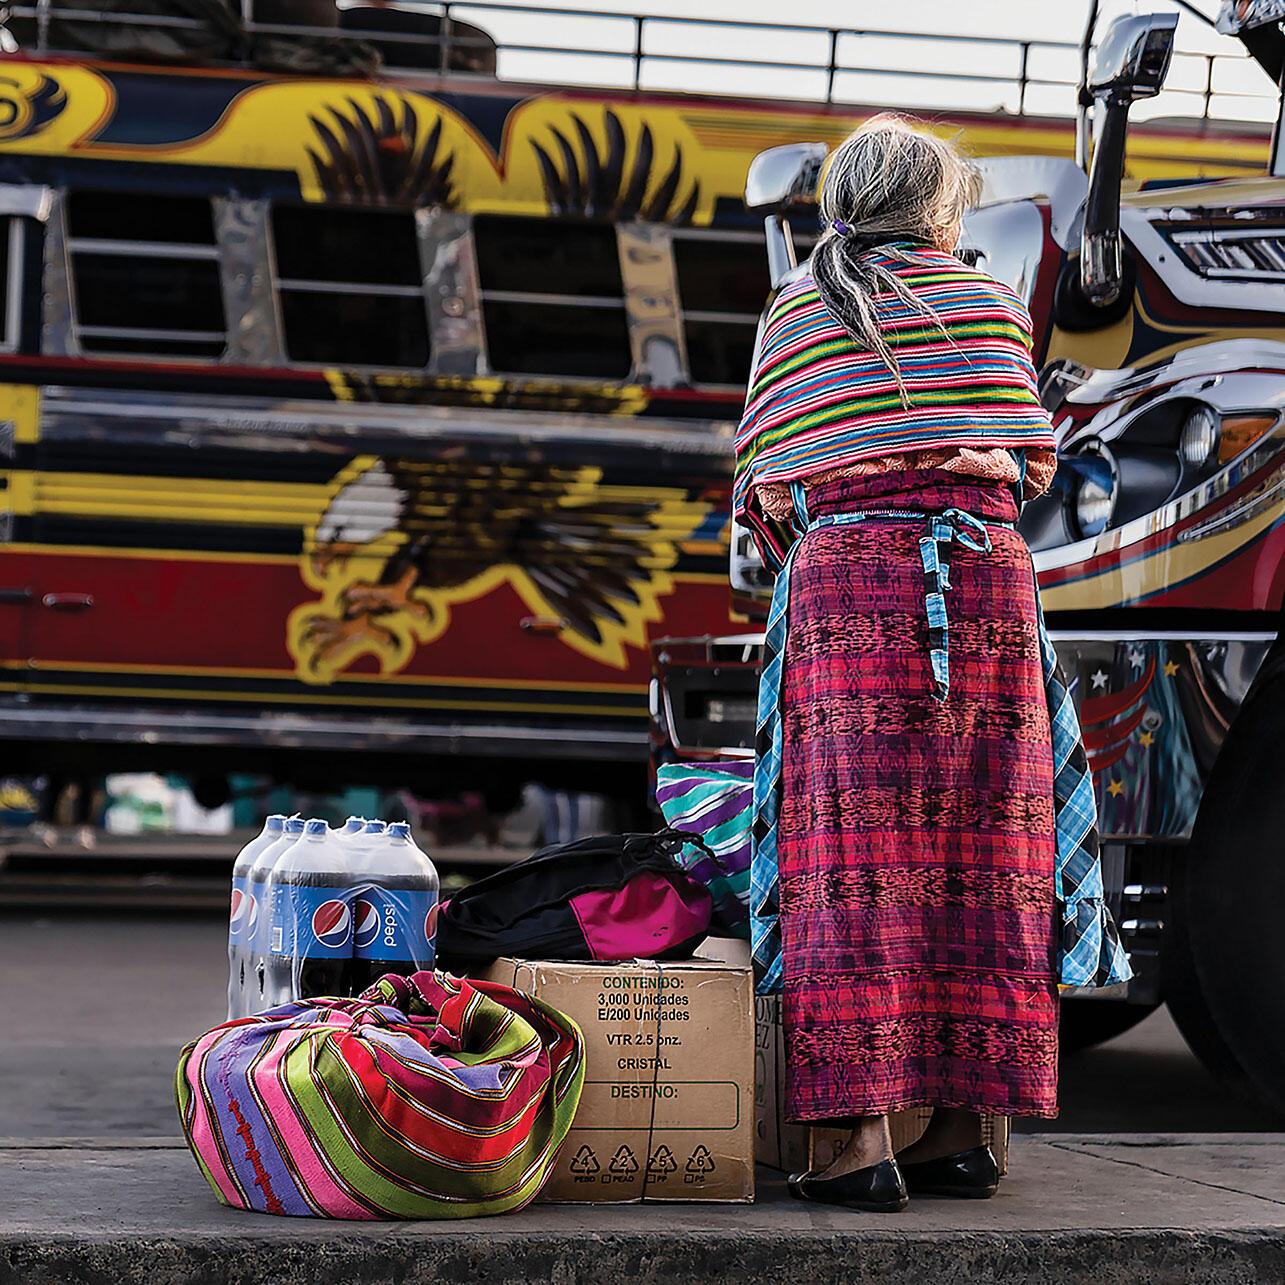 Una mujer espera el transporte público en Quetzaltenango, Guatemala. (Foto cortesía de la Oficina Regional de Centroamérica de los CDC, Guatemala.)